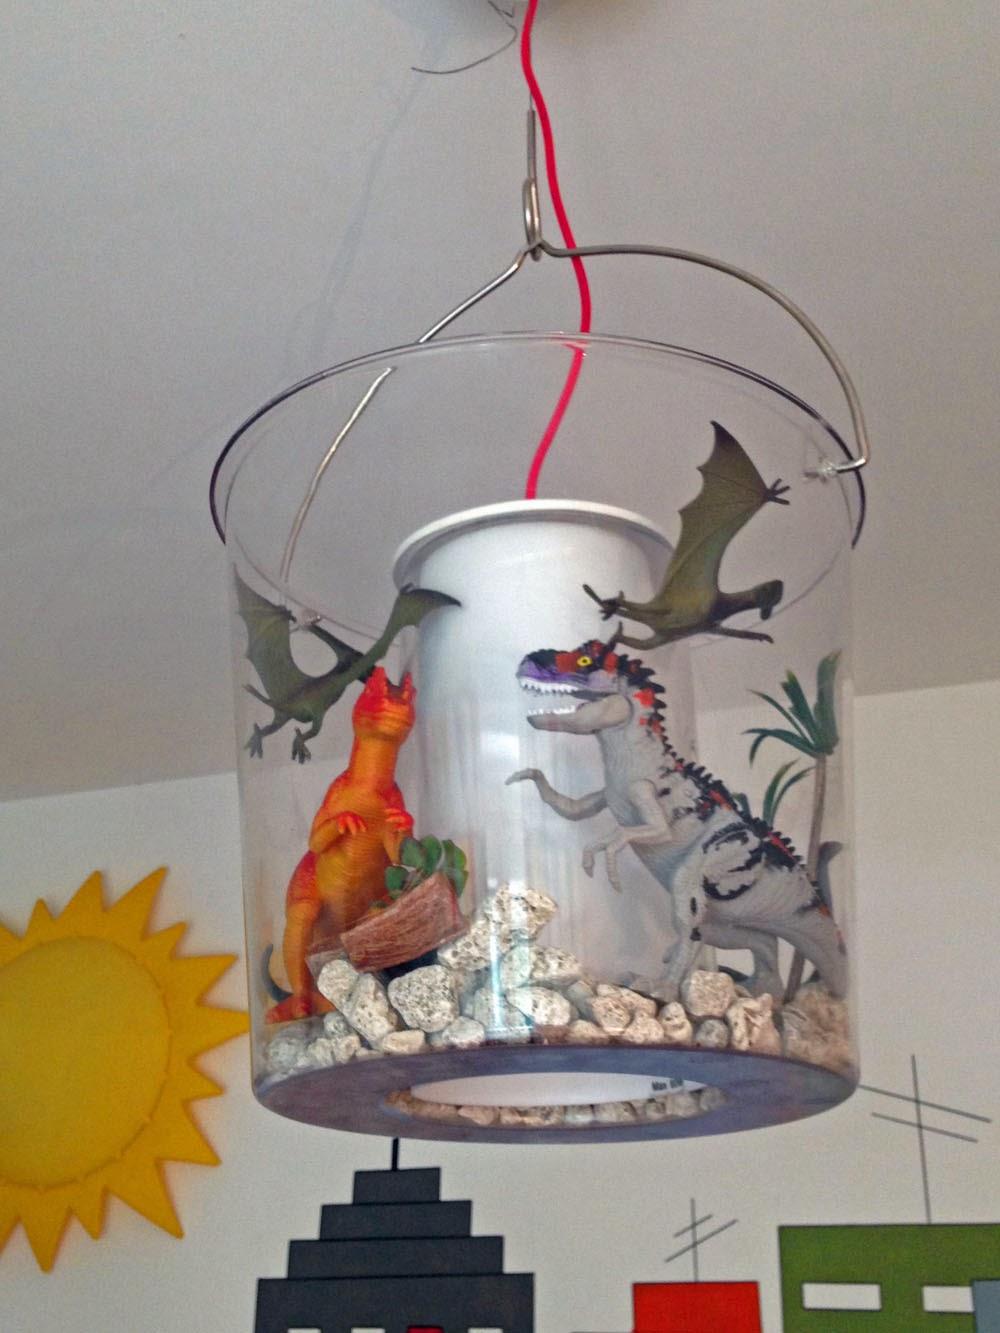 Riciclo lampade ikea: modifichiamo una lampada ikea con arduino il ...